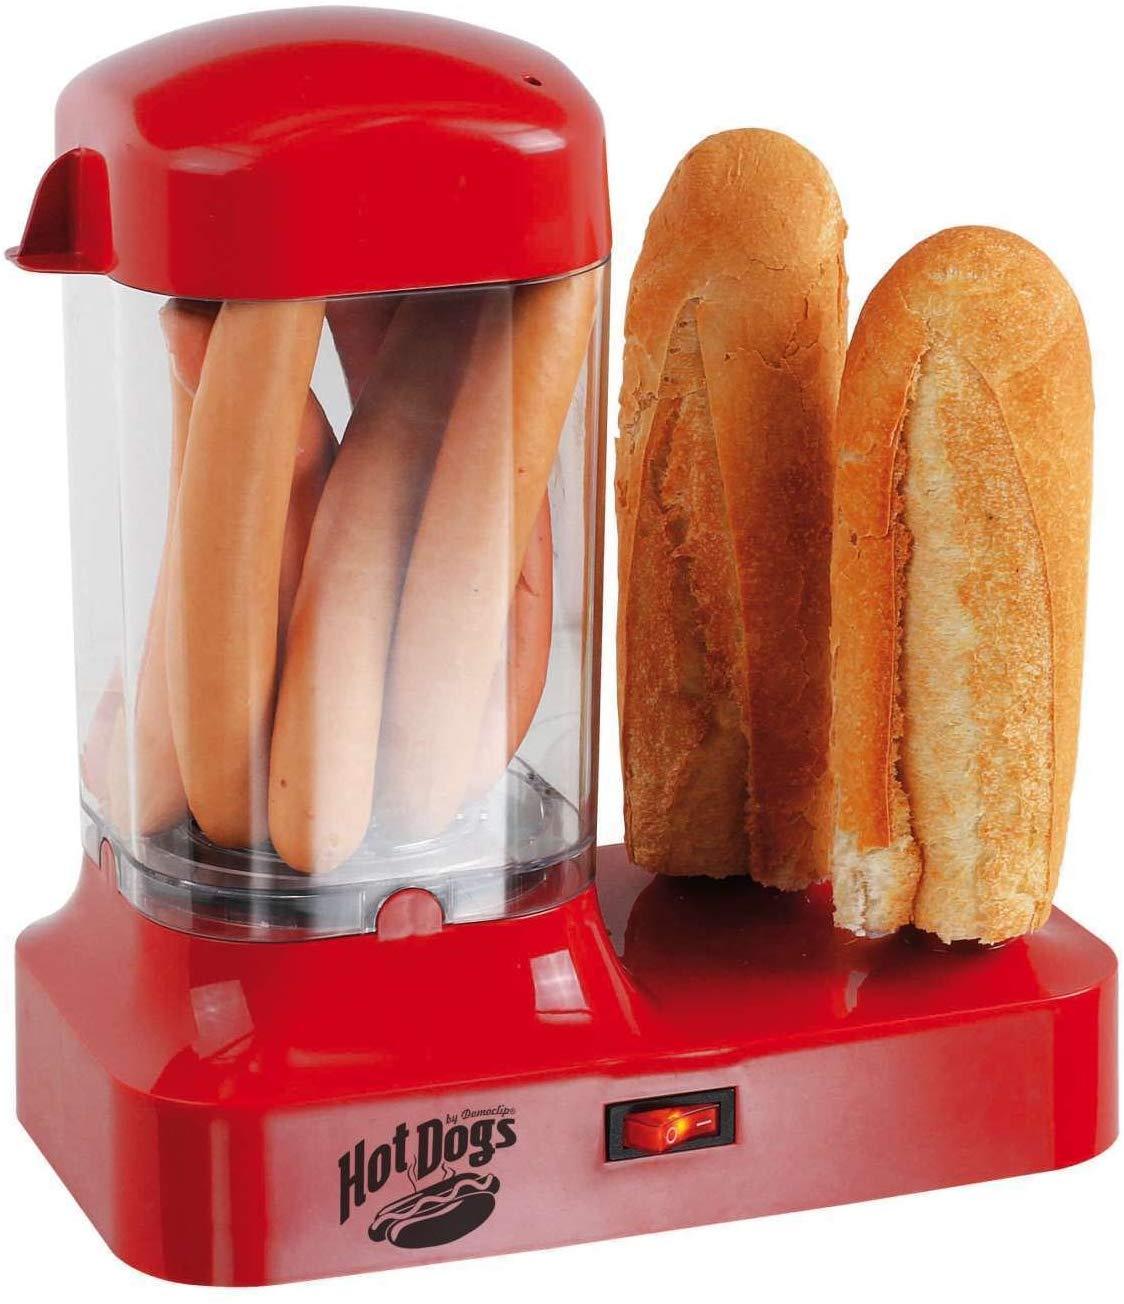 Hot dog maker machine à Hotdog pour 8 saucisses